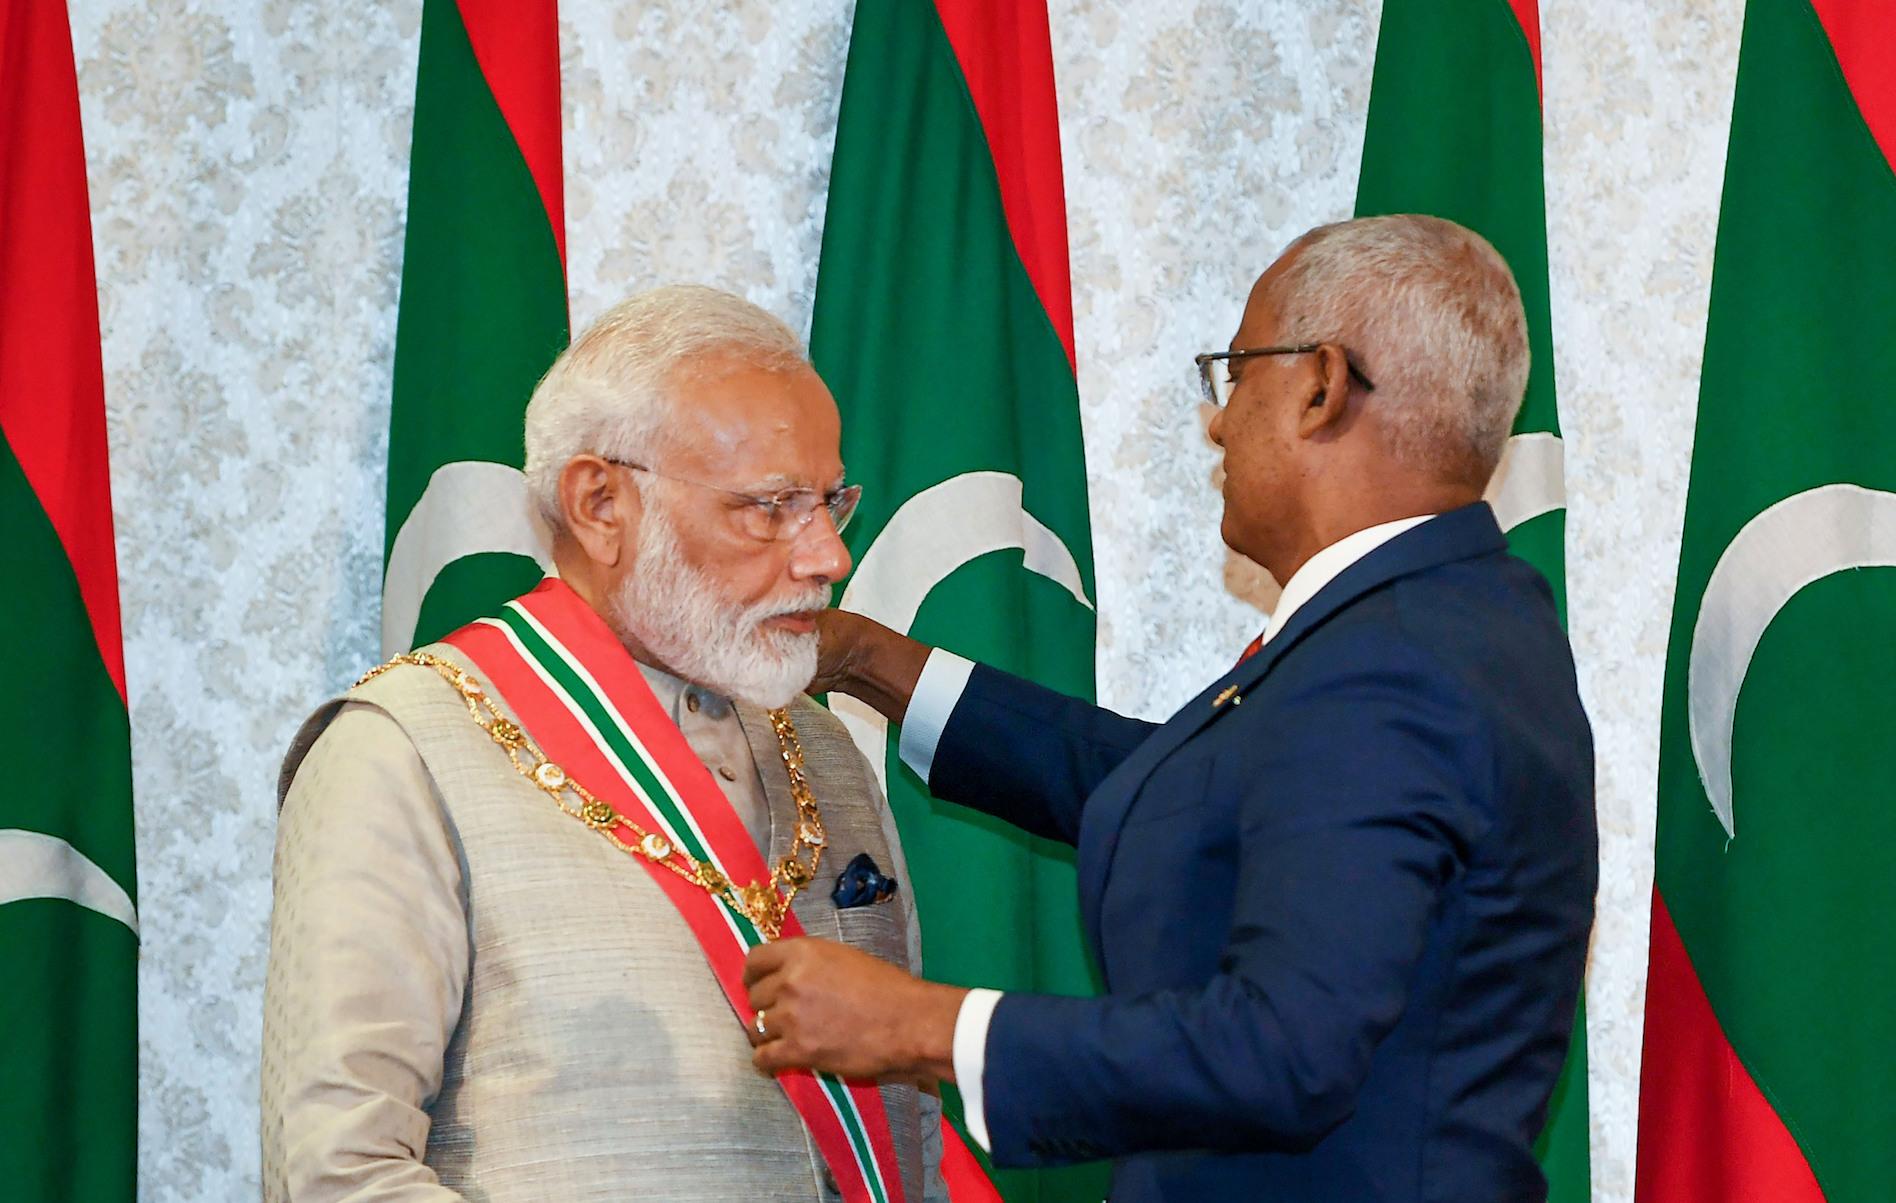 PM Modi arrives in Sri Lanka